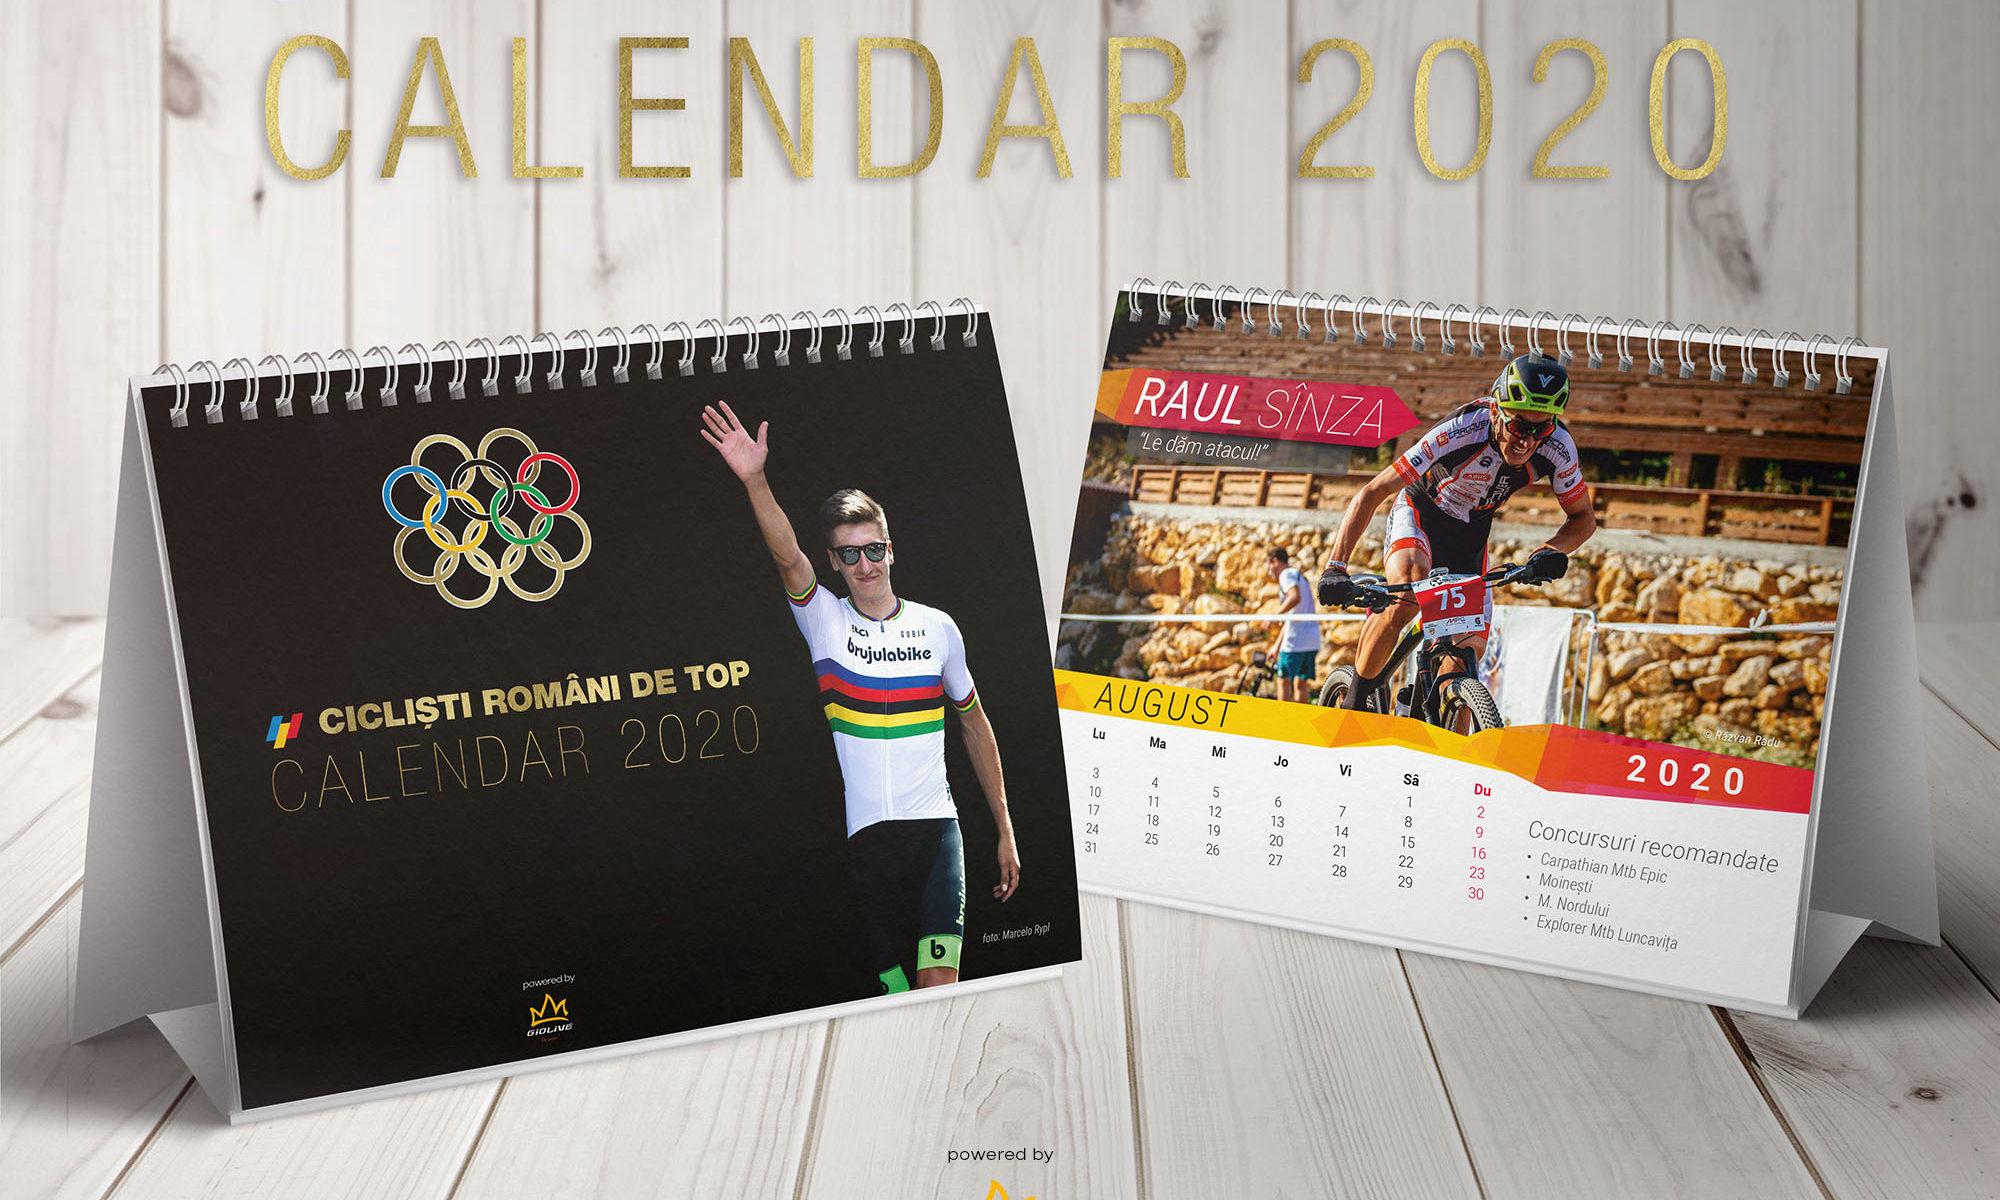 calendarul cu ciclisti romani de TOP